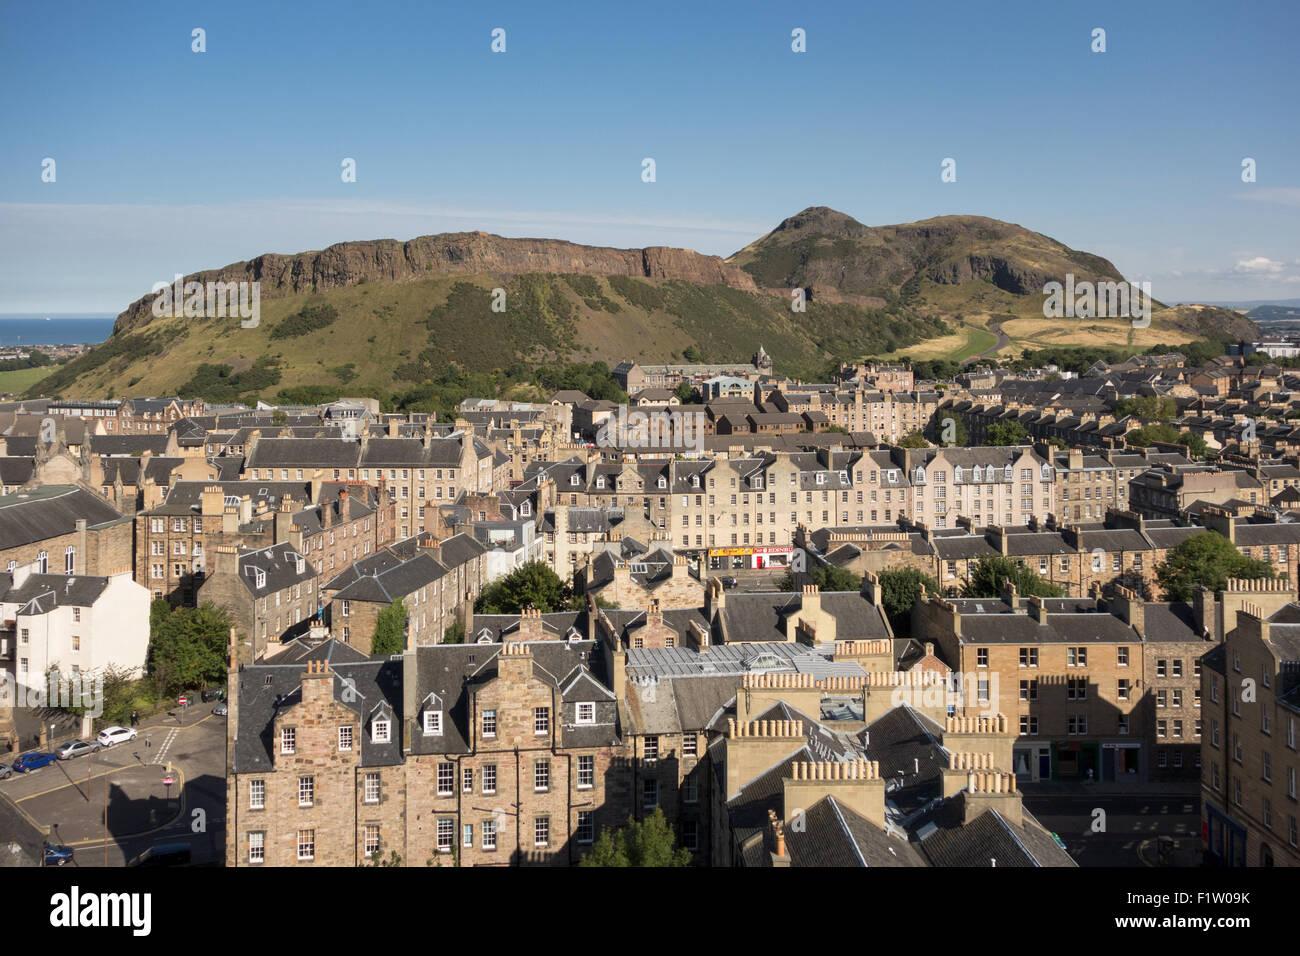 Edimburgo - Arthurs Seat y Salisbury riscos, casas, edificios, pisos apartamentos en el casco antiguo Imagen De Stock